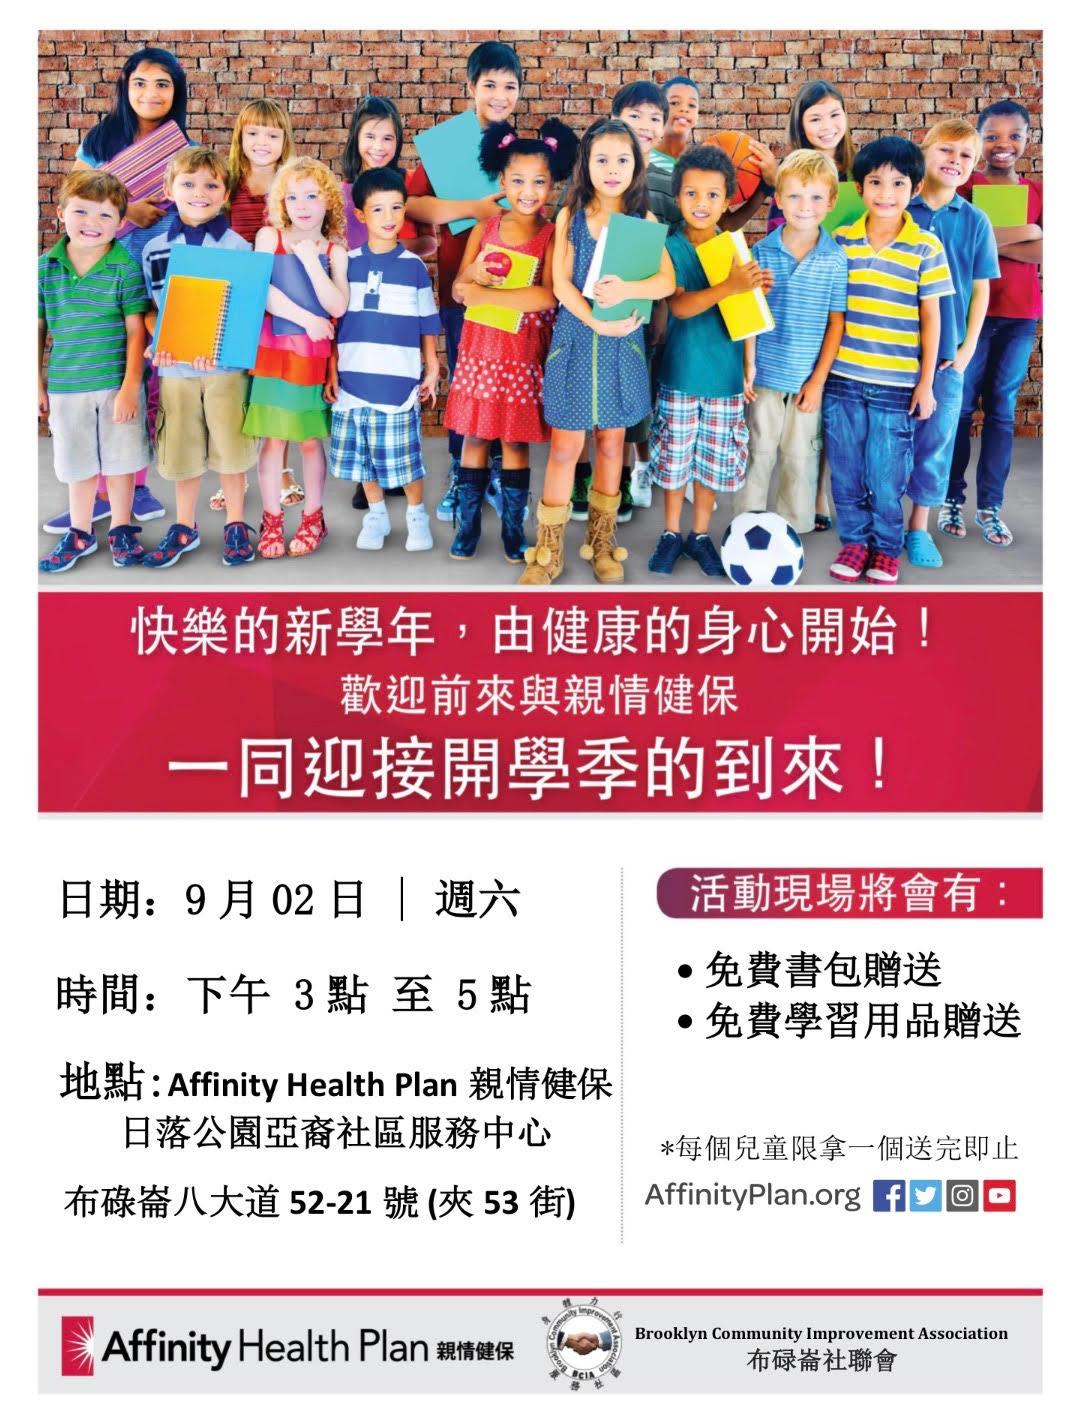 亲情健保为小朋友准备开学赠送免费书包学习用具送爱心活动9月初进行